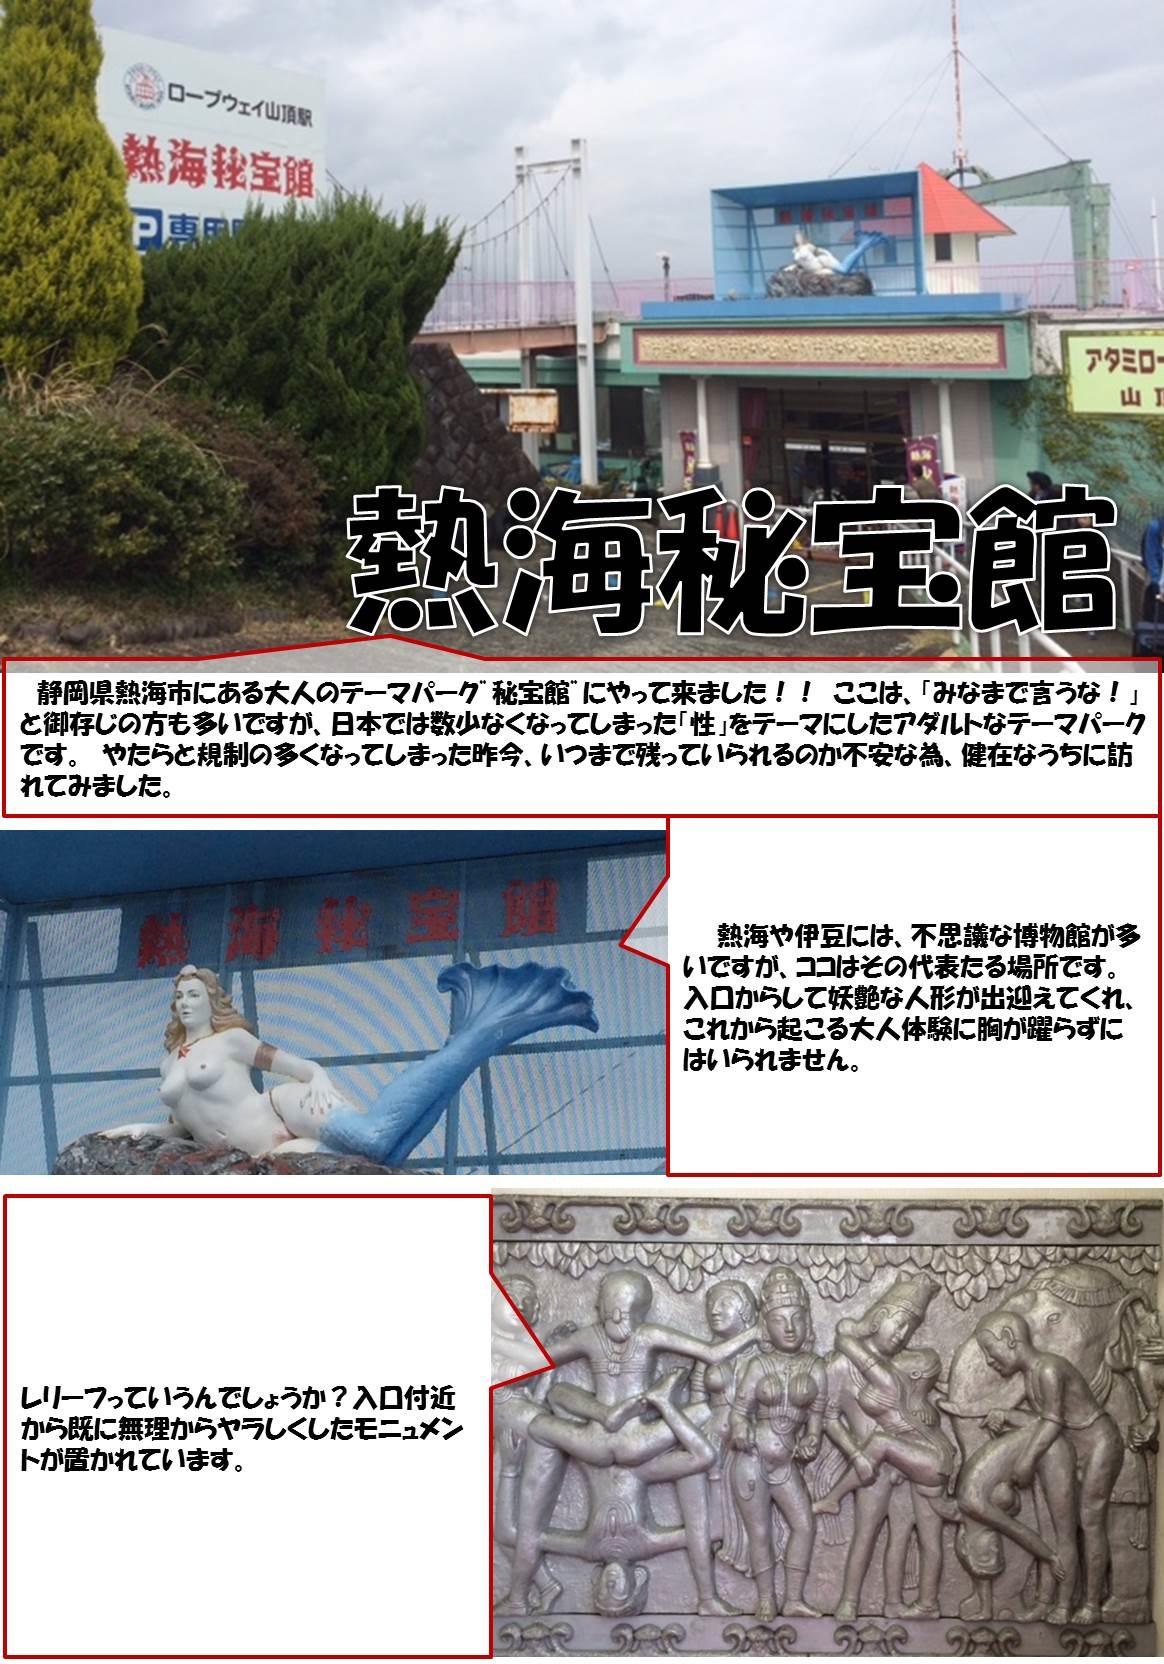 """熱海秘宝館  静岡県熱海市にある大人のテーマパーク""""熱海秘宝館""""にやって来ました!! ここは、「みなまで言うな!」と御存じの方も多いですが、日本では数少なくなってしまった「性」をテーマにしたアダルトなテーマパークです。 やたらと規制の多くなってしまった昨今、いつまで残っていられるのか不安な為、健在なうちに訪れてみました。  熱海や伊豆には、不思議な博物館が多いですが、ココはその代表たる場所です。 入口からして妖艶な人形が出迎えてくれ、これから起こる大人体験に胸が躍らずにはいられません。 レリーフっていうんでしょうか?入口付近から既に無理からヤラしくしたモニュメントが置かれています。"""